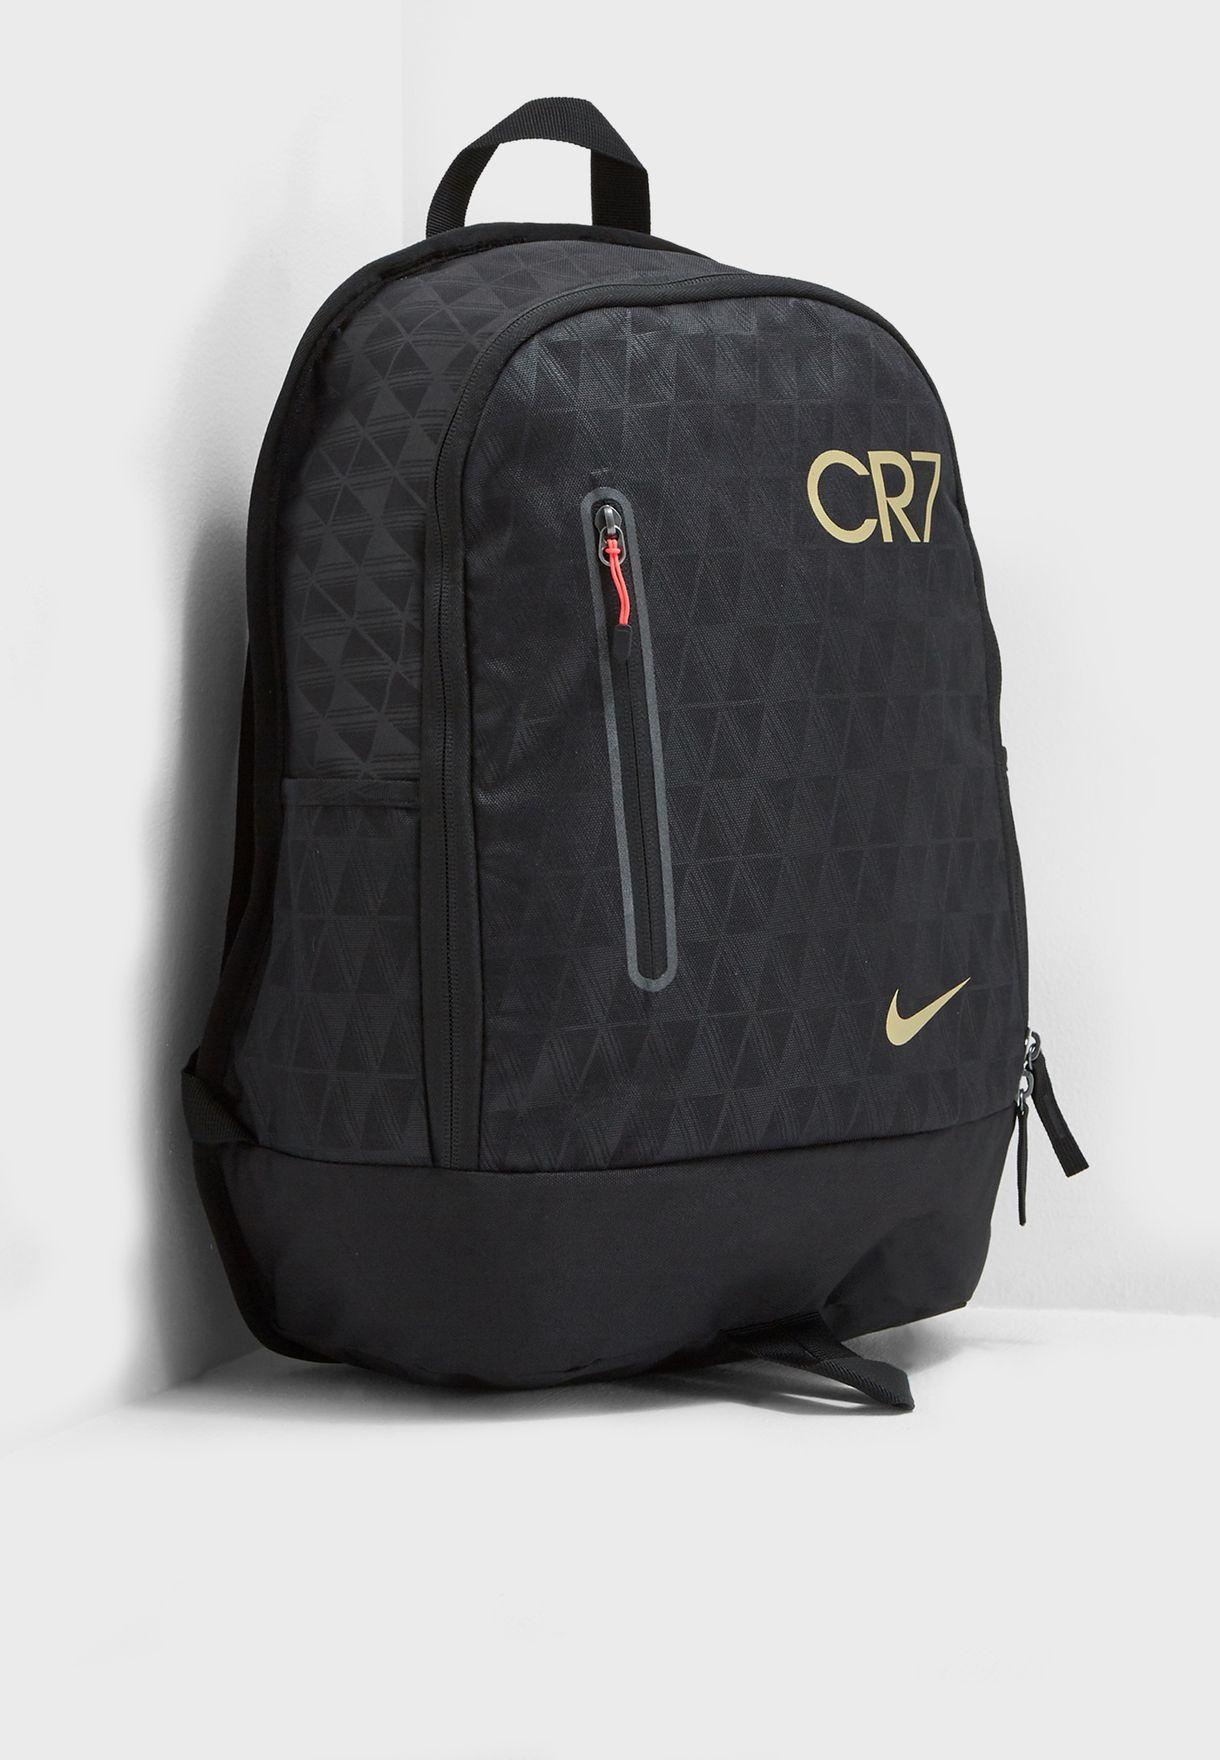 063271b90 CR7 Backpack